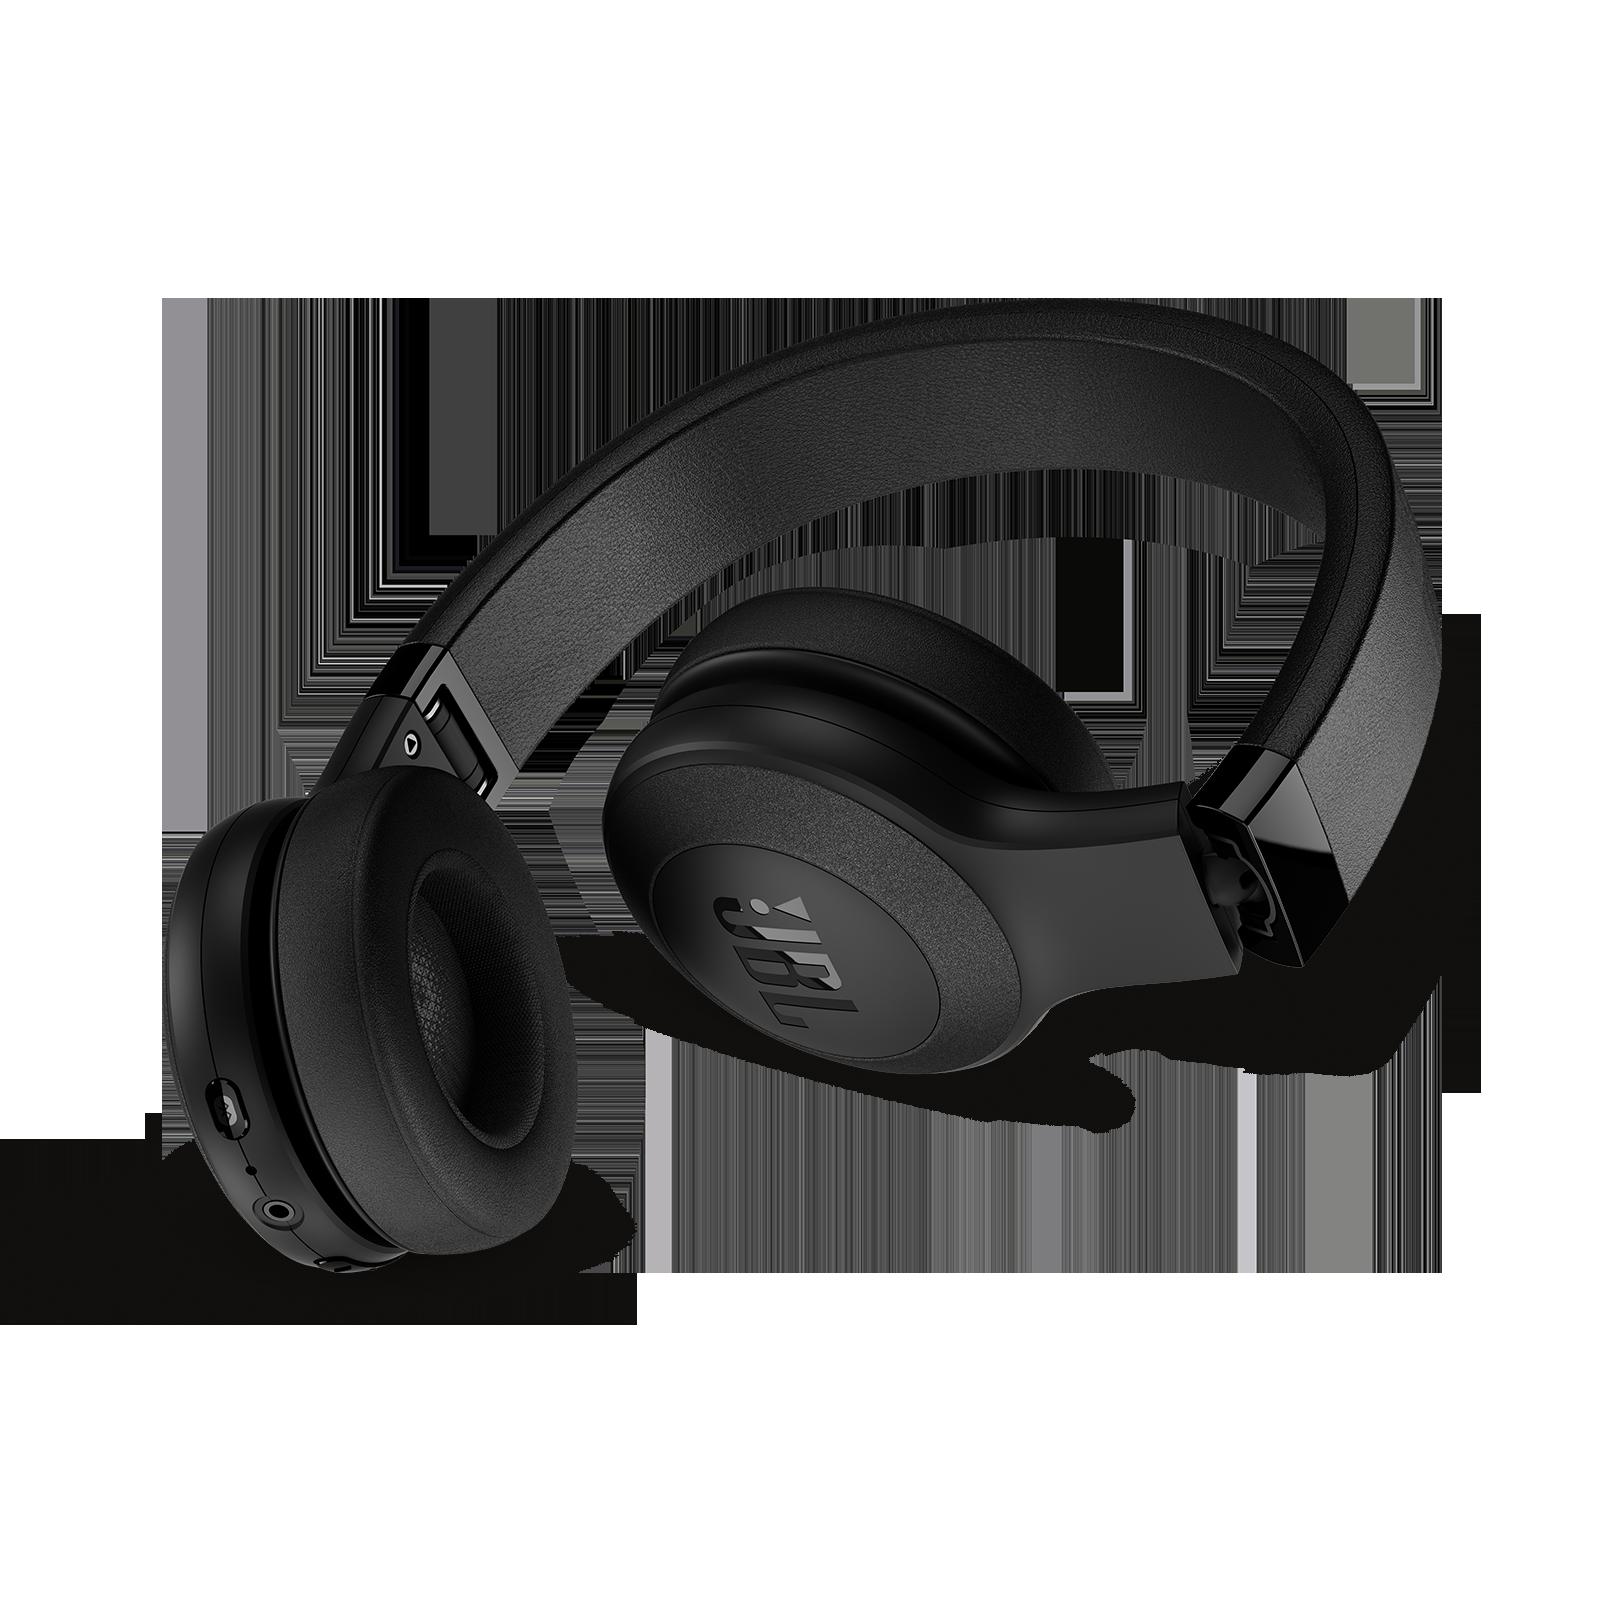 C45BT - Black Matte - Wireless on-ear headphones - Back